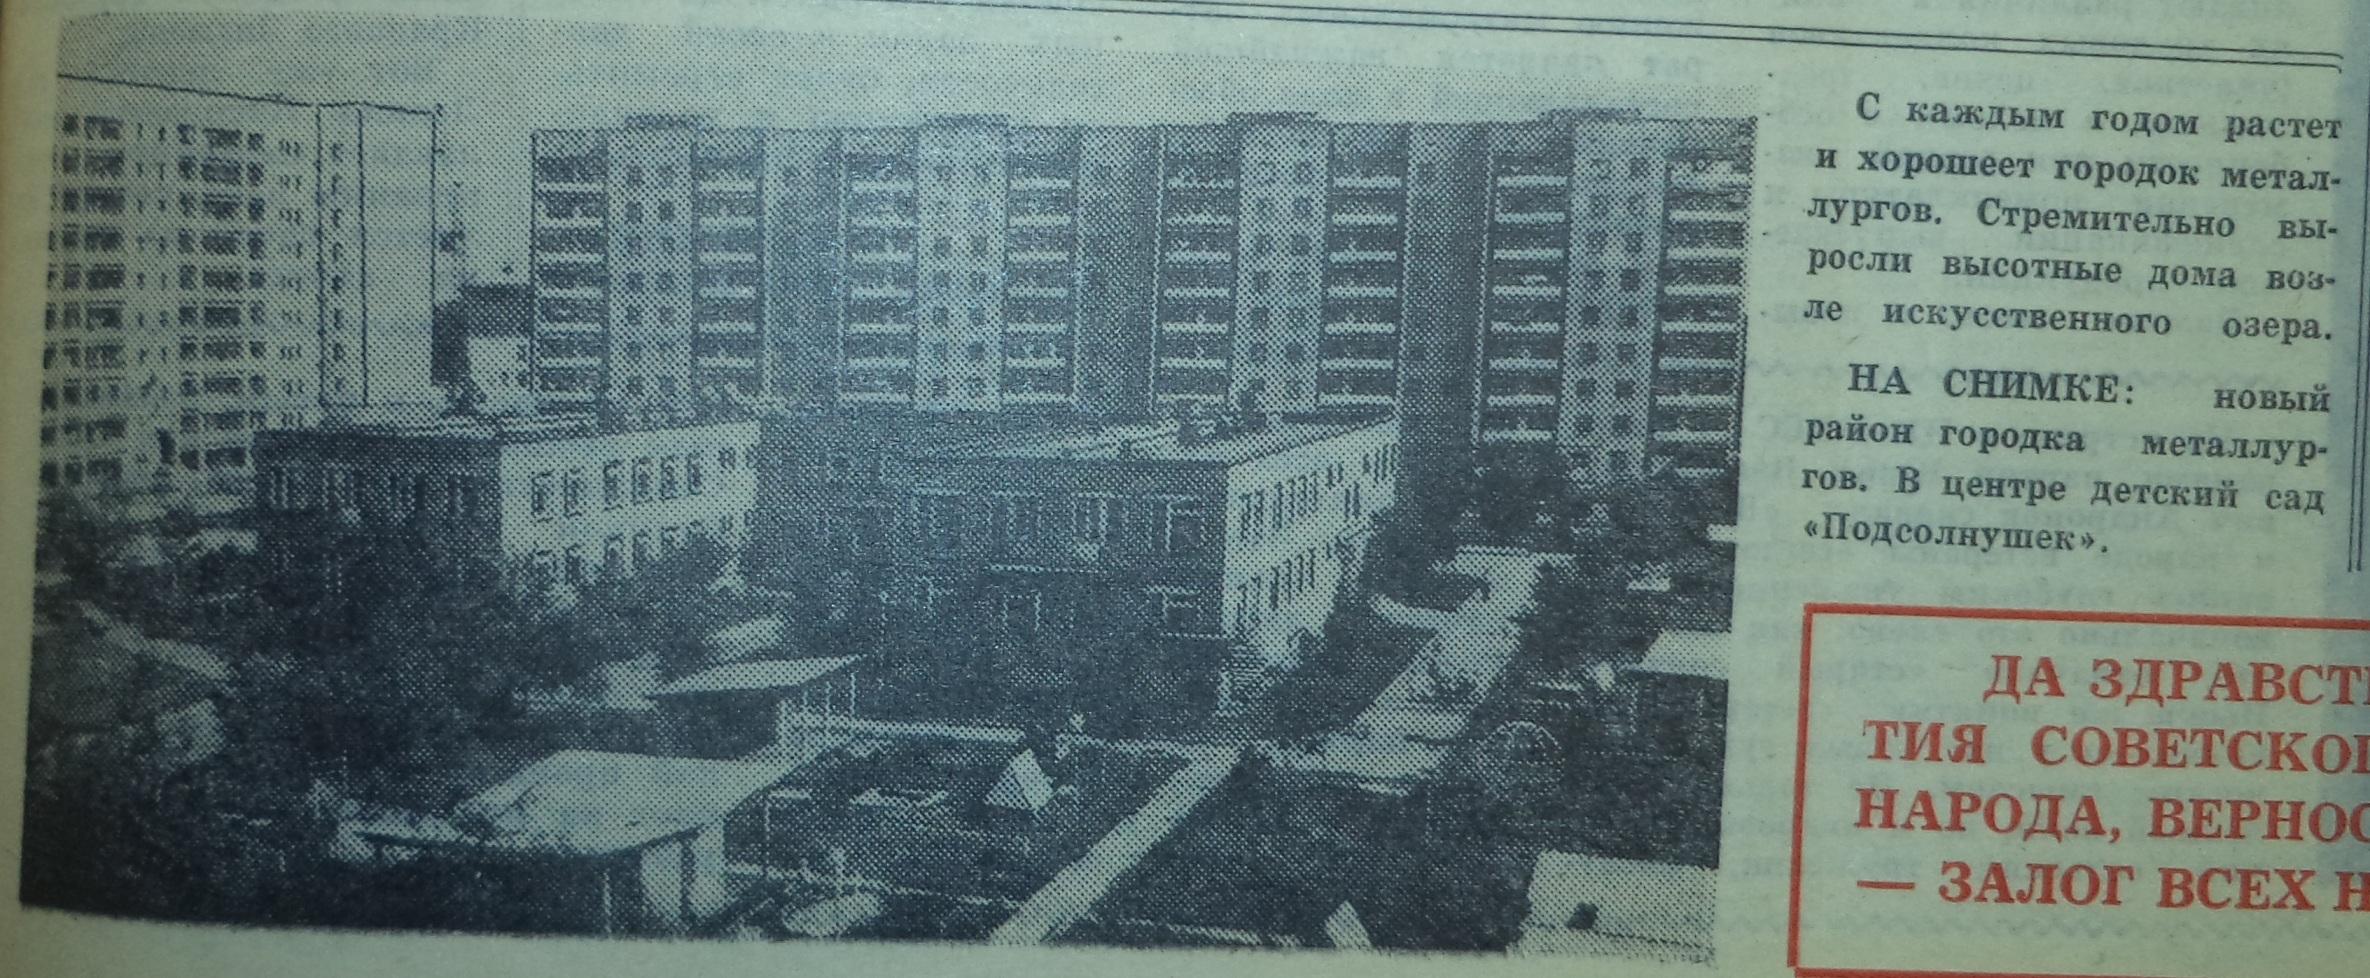 Енисейская-ФОТО-17-Рабочий-1983-22 октября